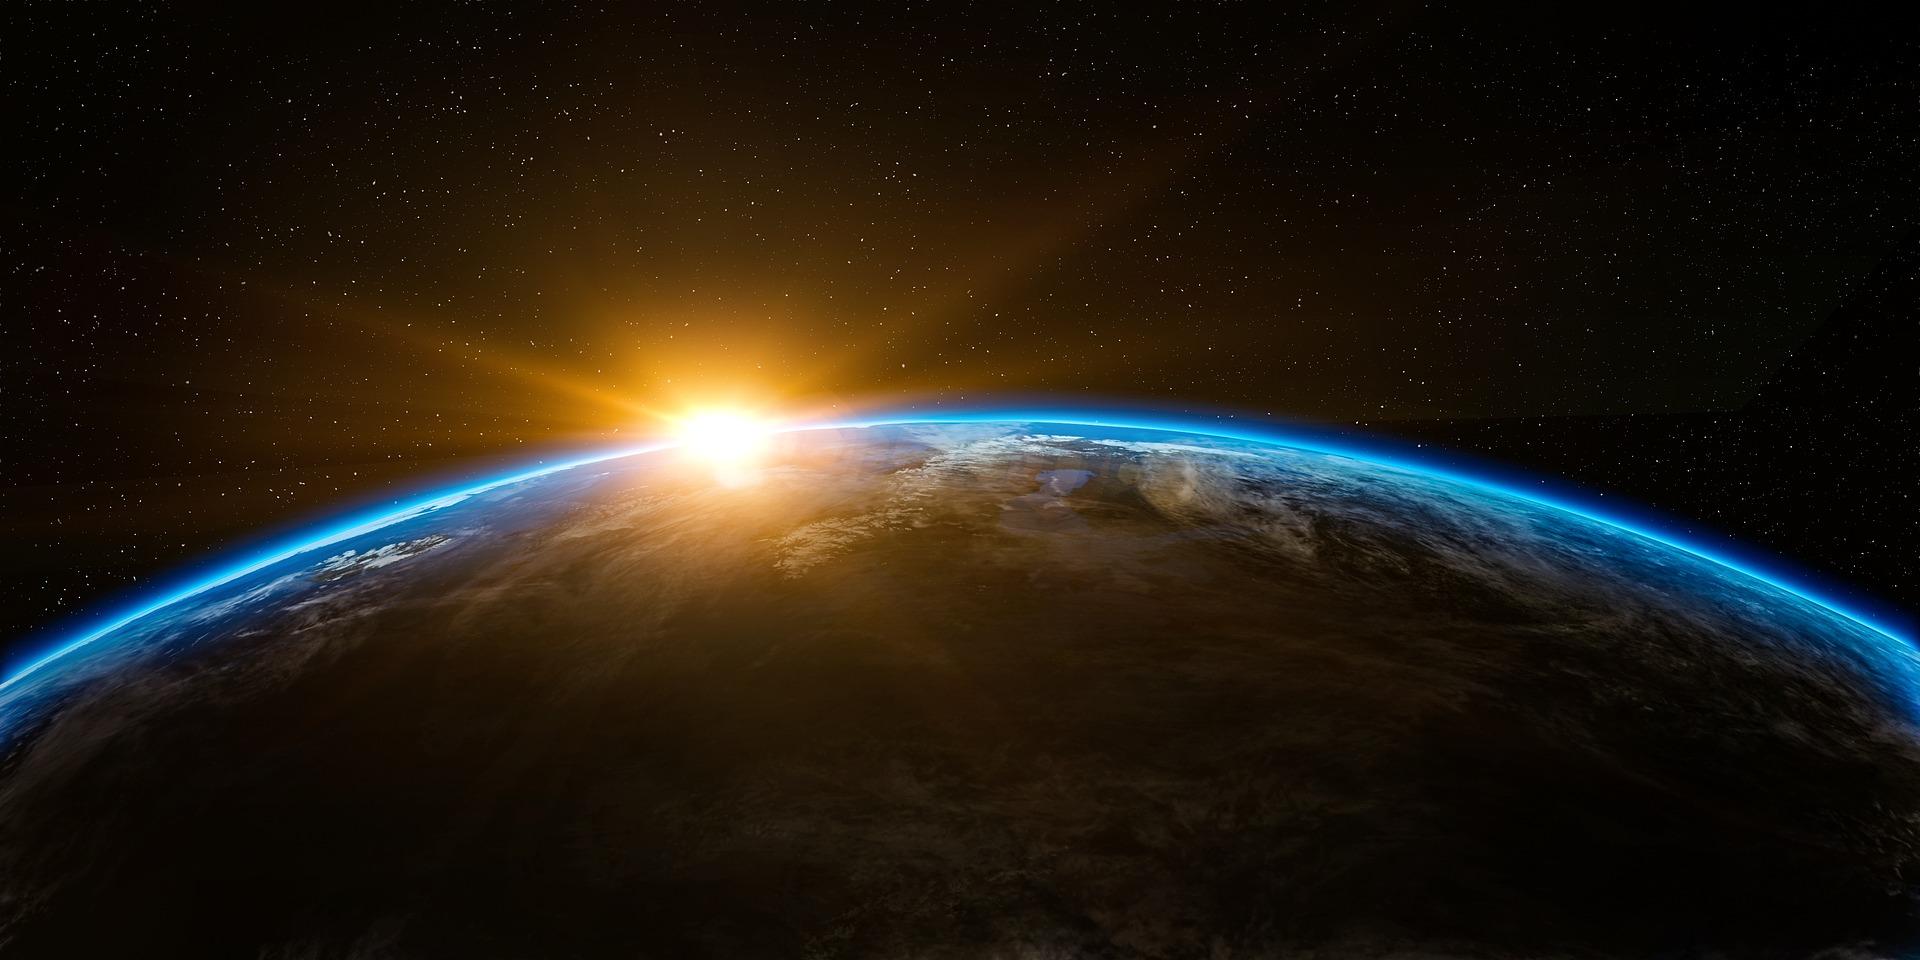 """""""დრო იწურება"""" - 15 000 მეცნიერის რადიკალური გაფრთხილება კაცობრიობას დედამიწის ბედთან დაკავშირებით"""